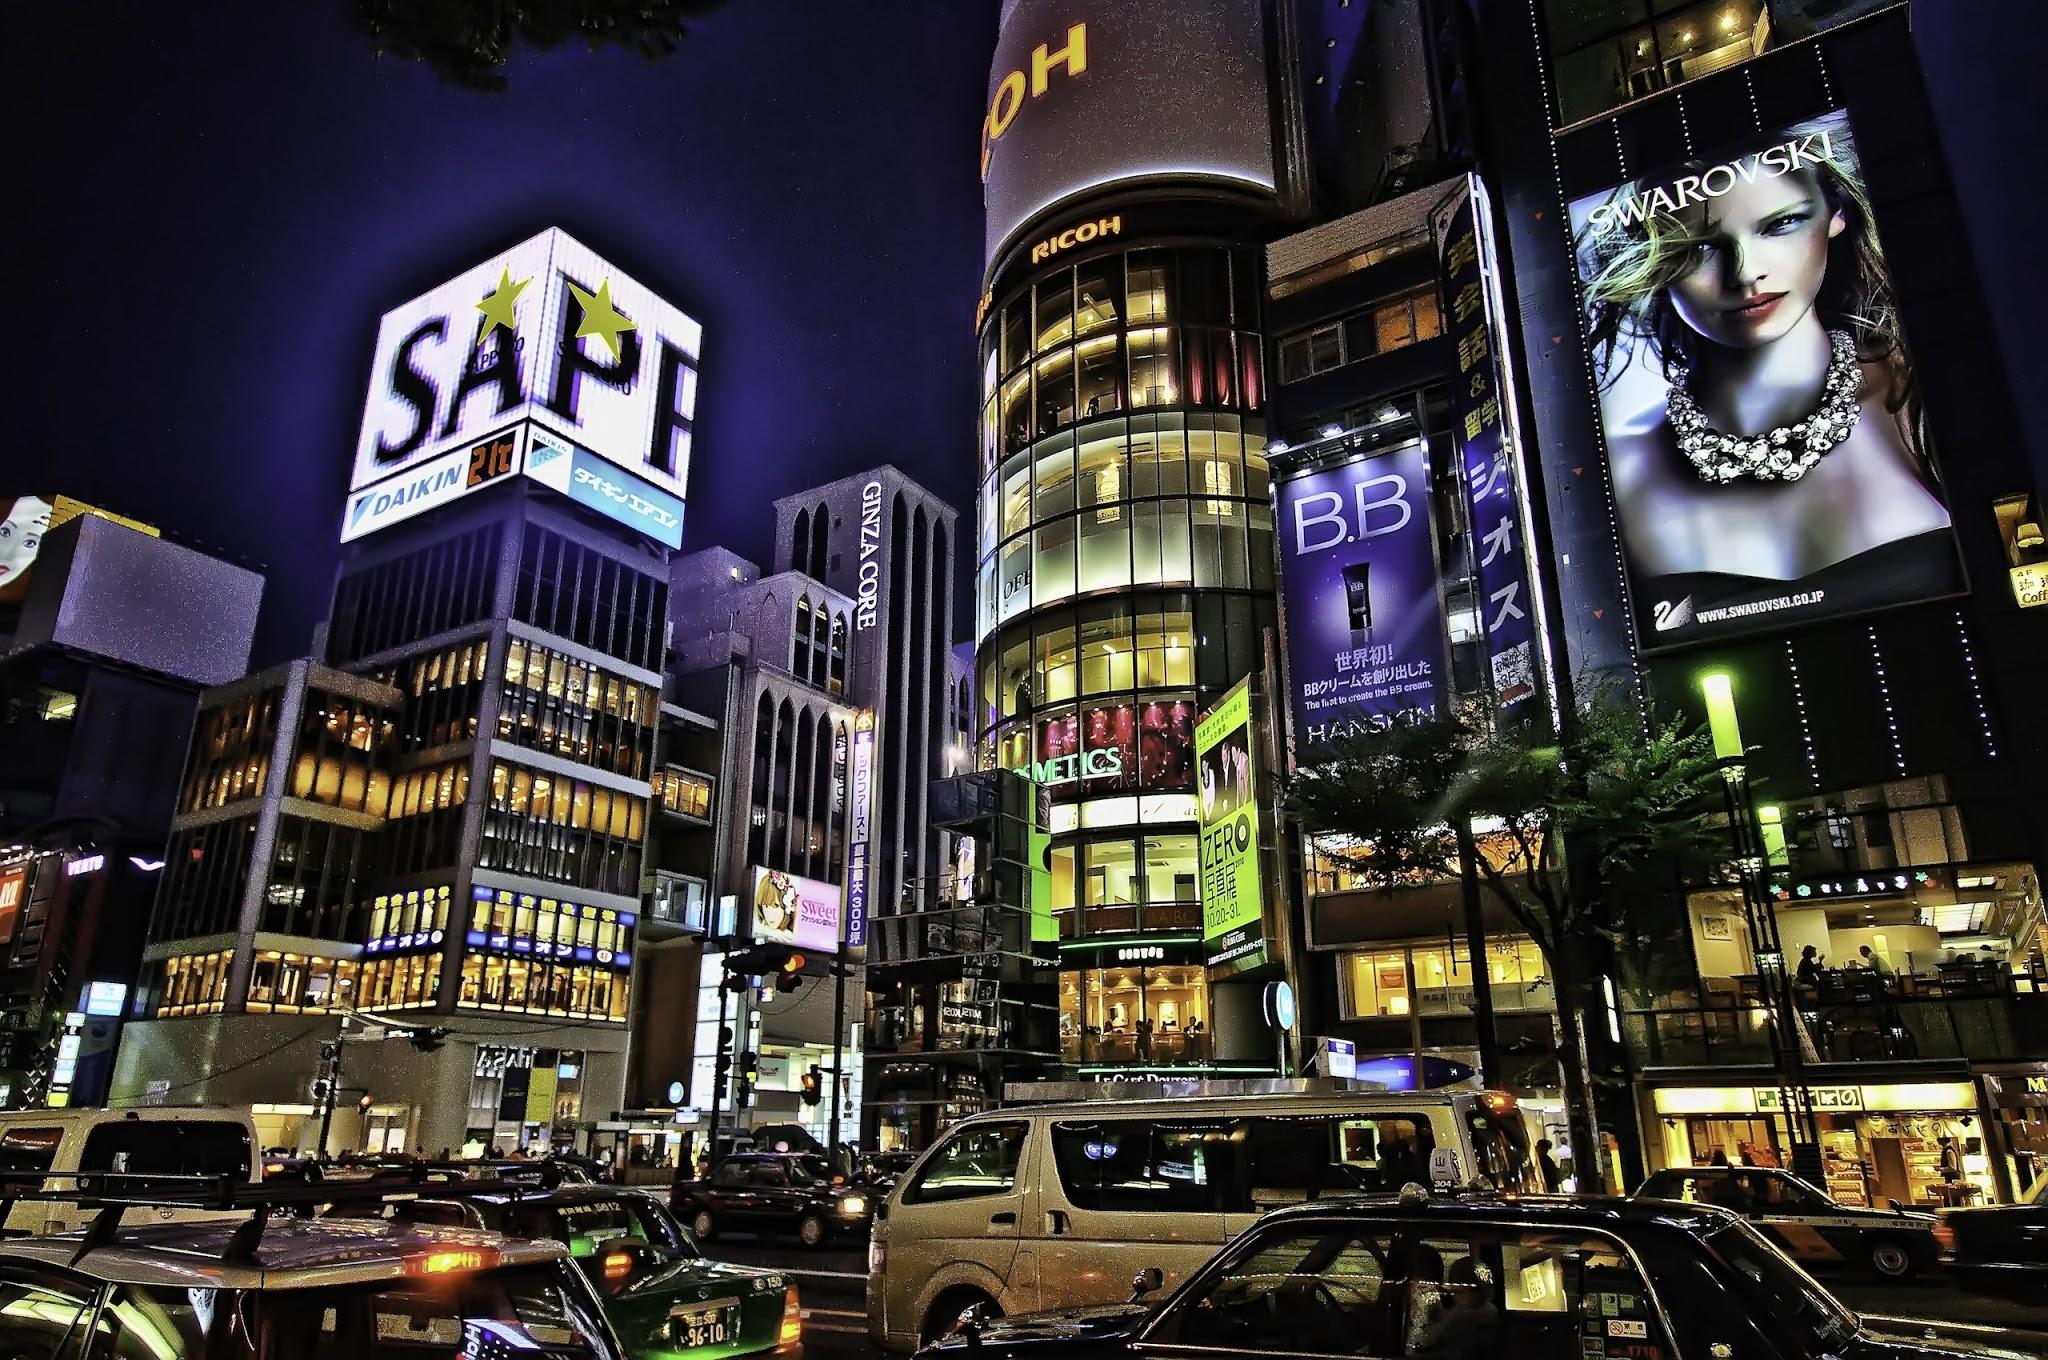 東京の壁紙(夜のもの、夜景など)